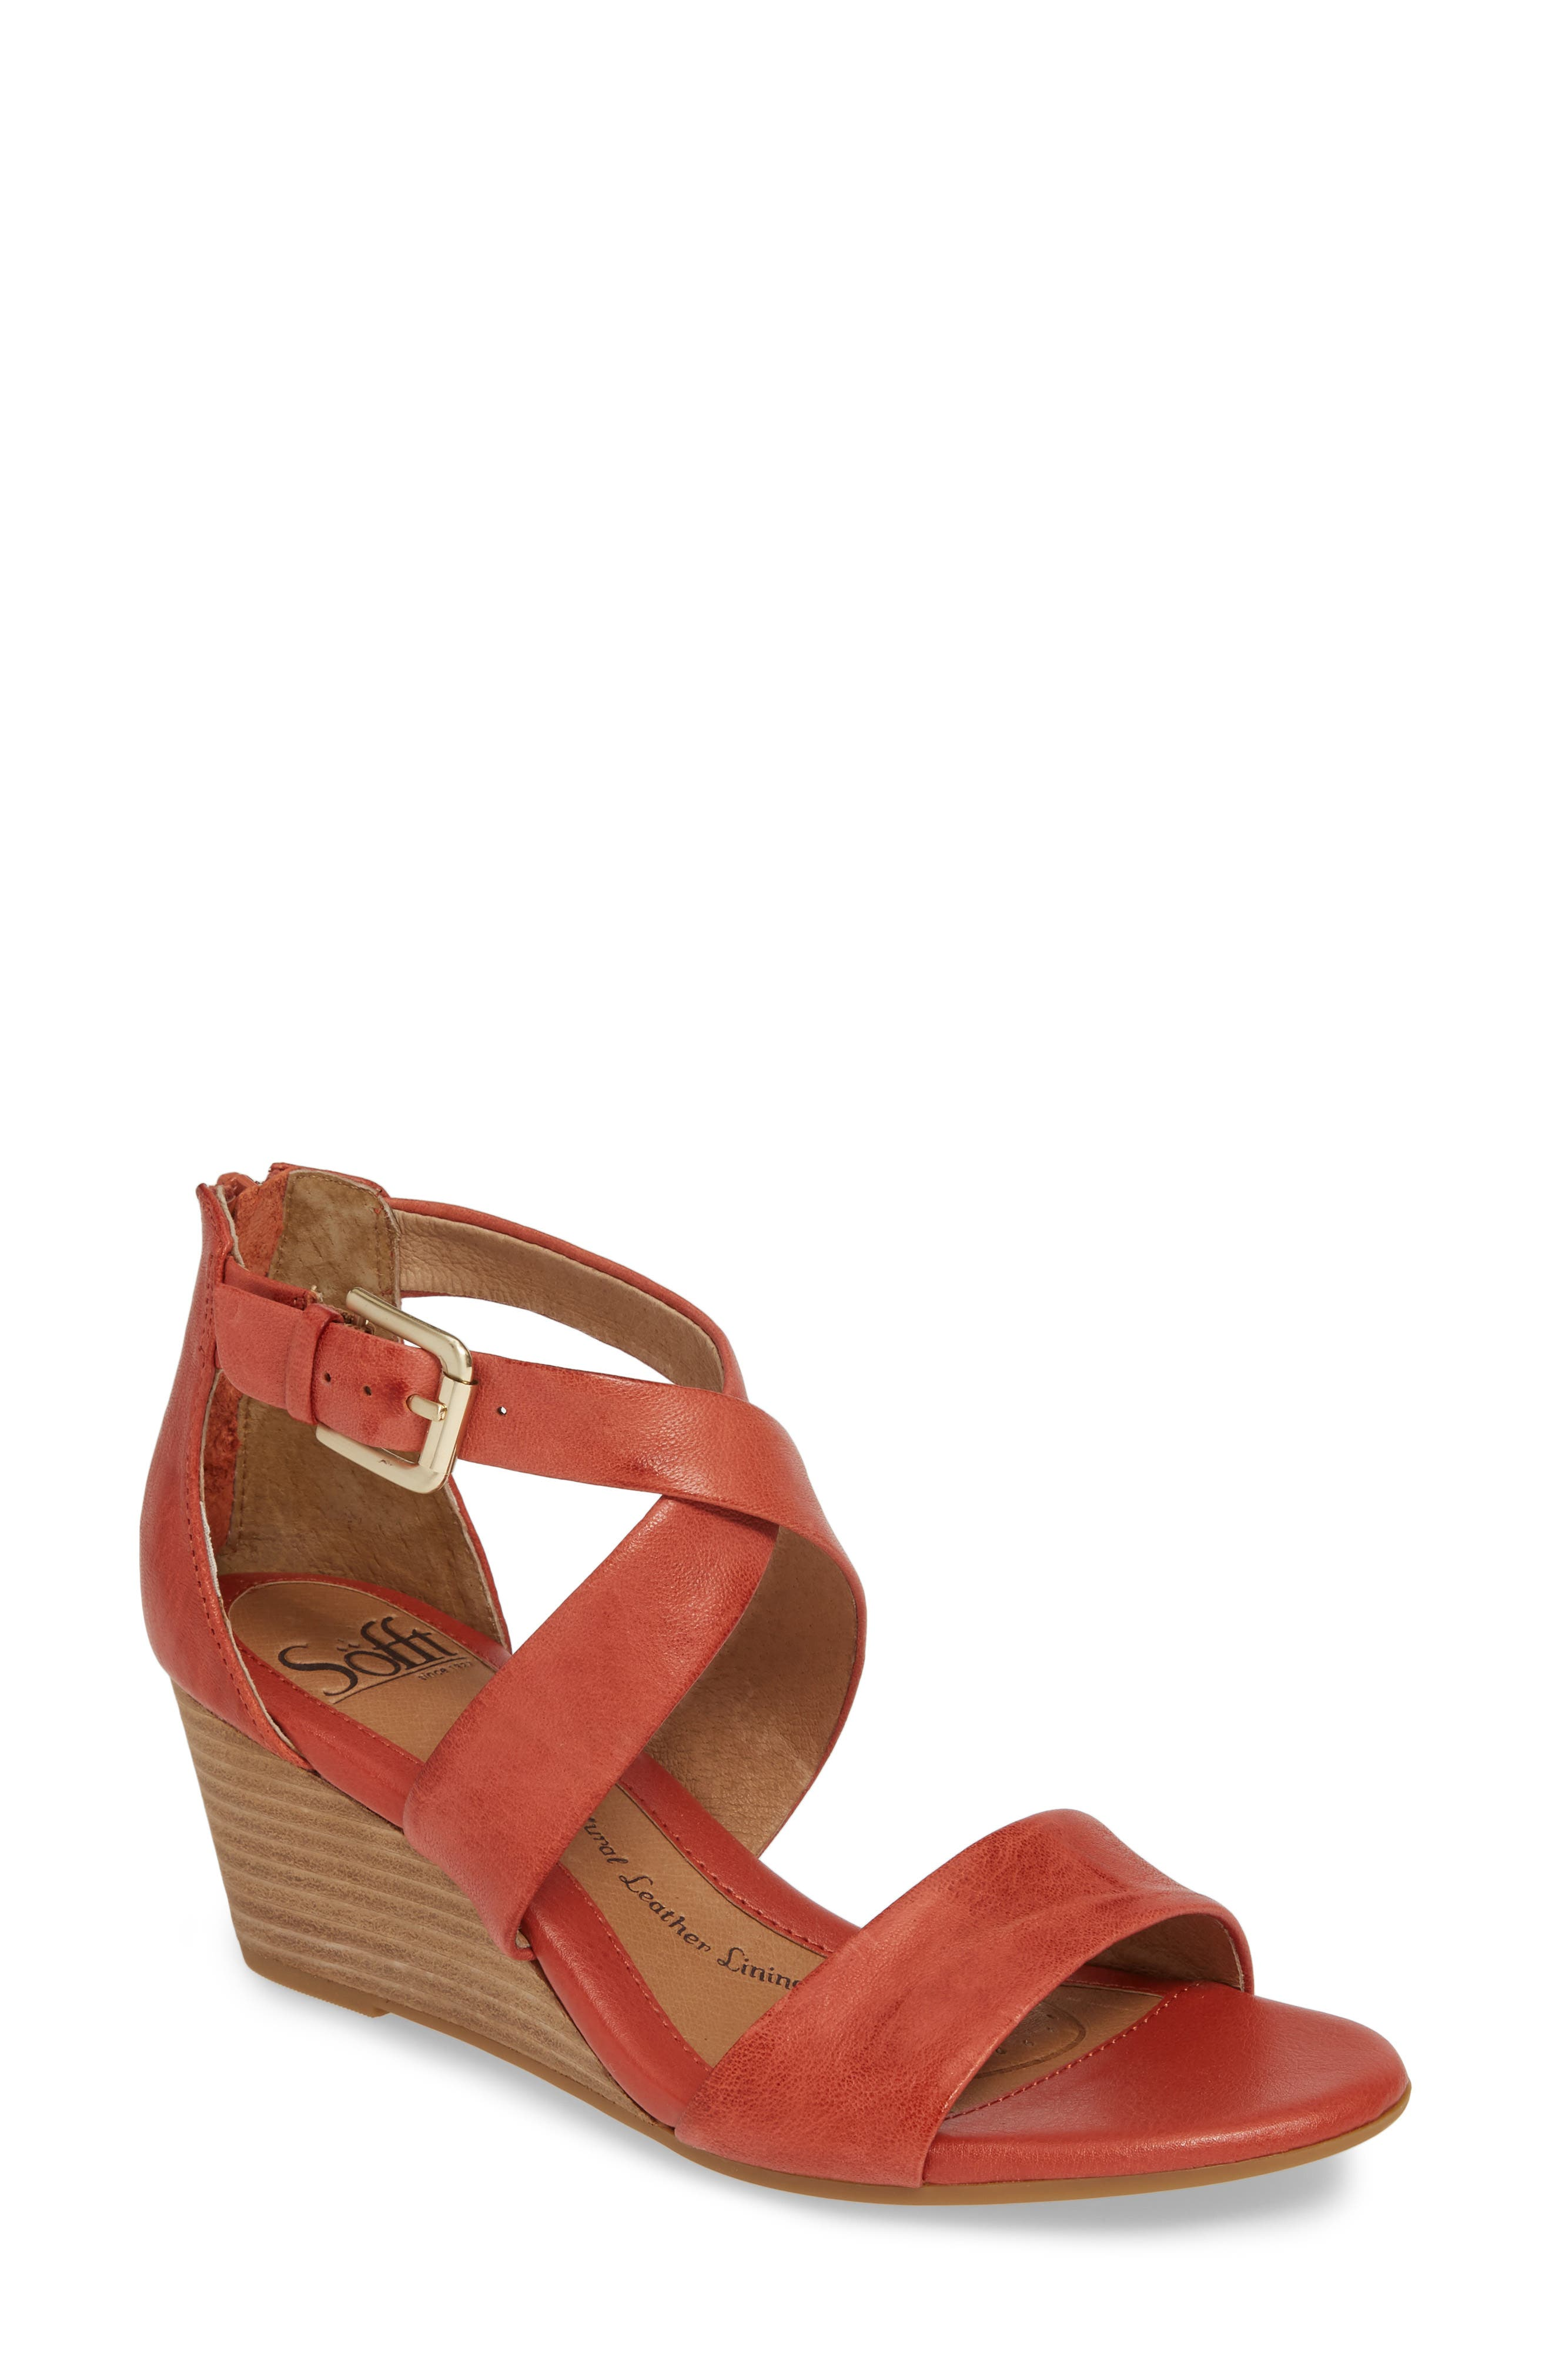 Sofft Mauldin Wedge Sandal, Red